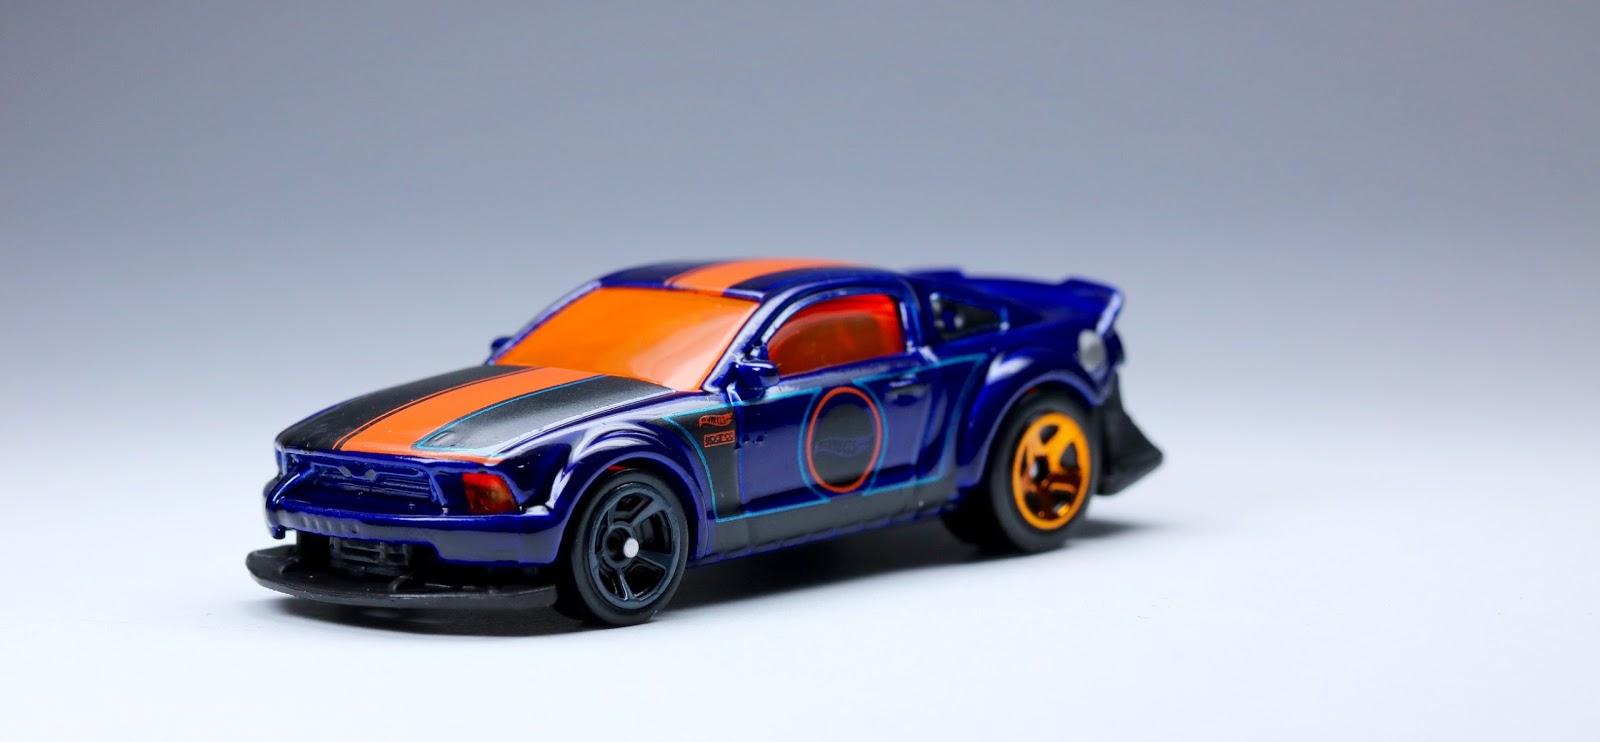 Mustang Mustang Wheels - Ford Mustang Parts Mustang ...